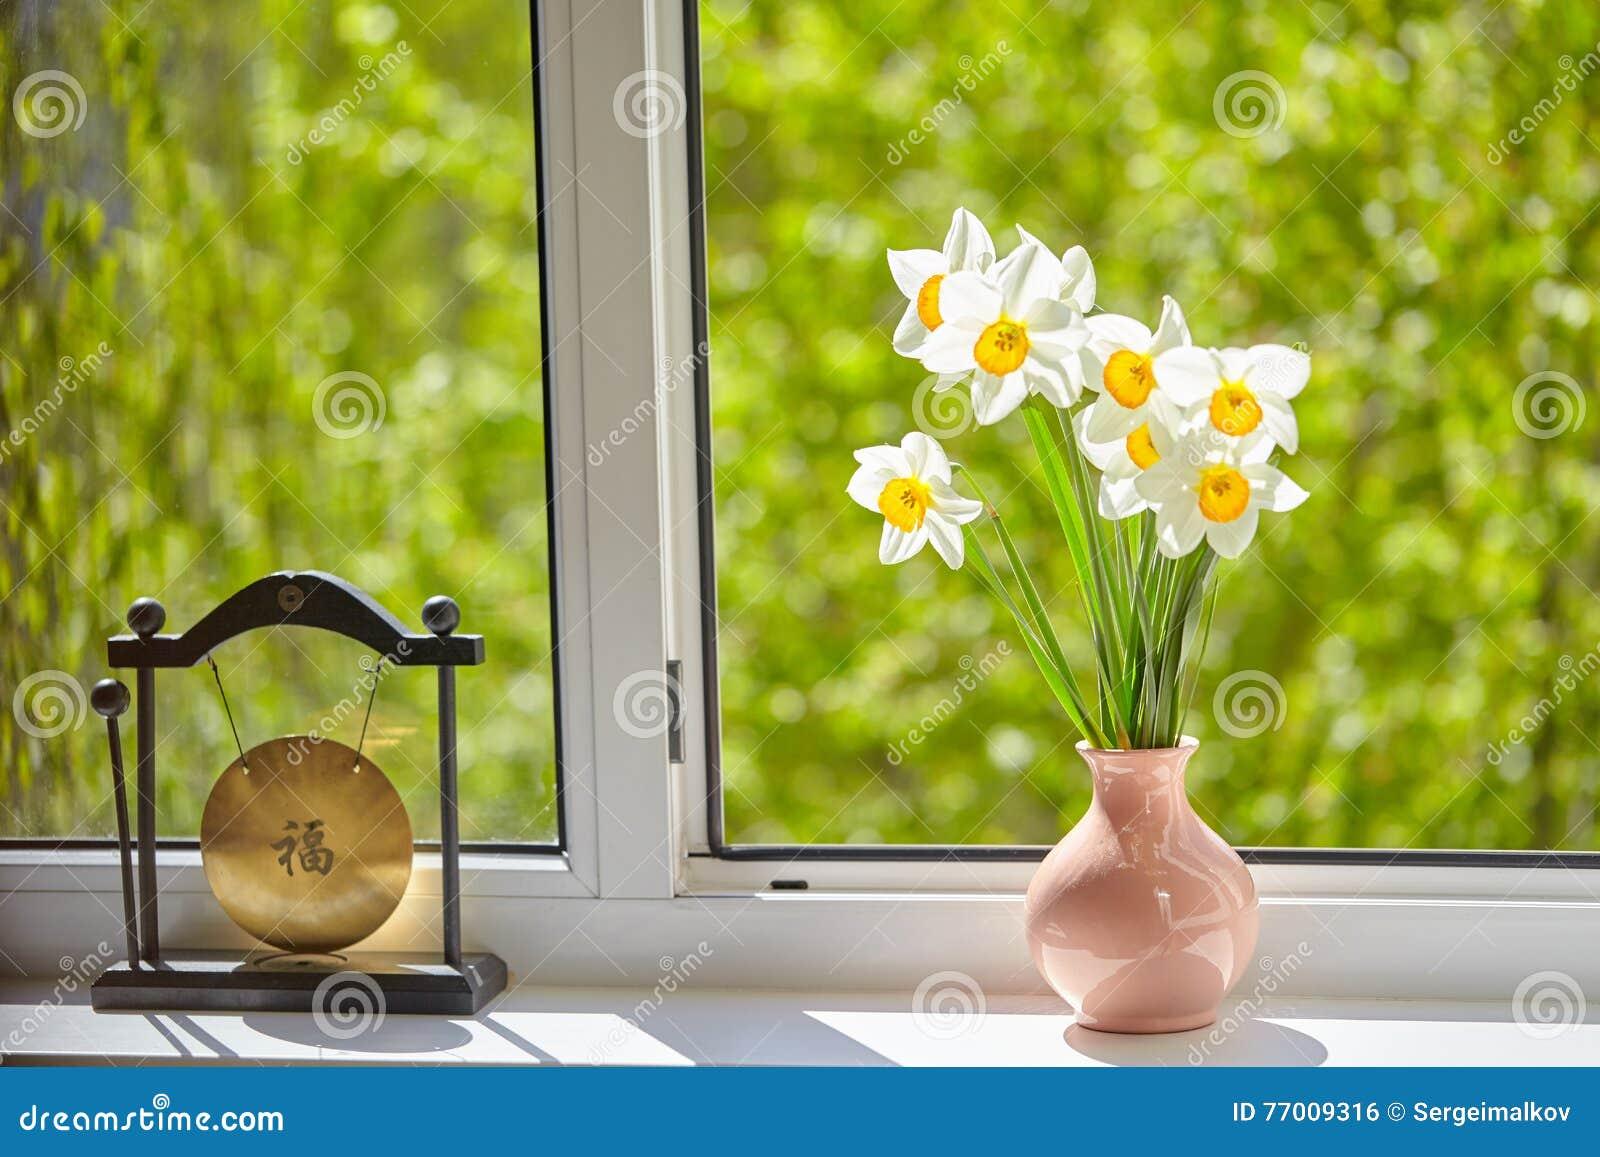 Blumen Narzissen Auf Dem Fenster Stockfoto Bild Von Dekoration